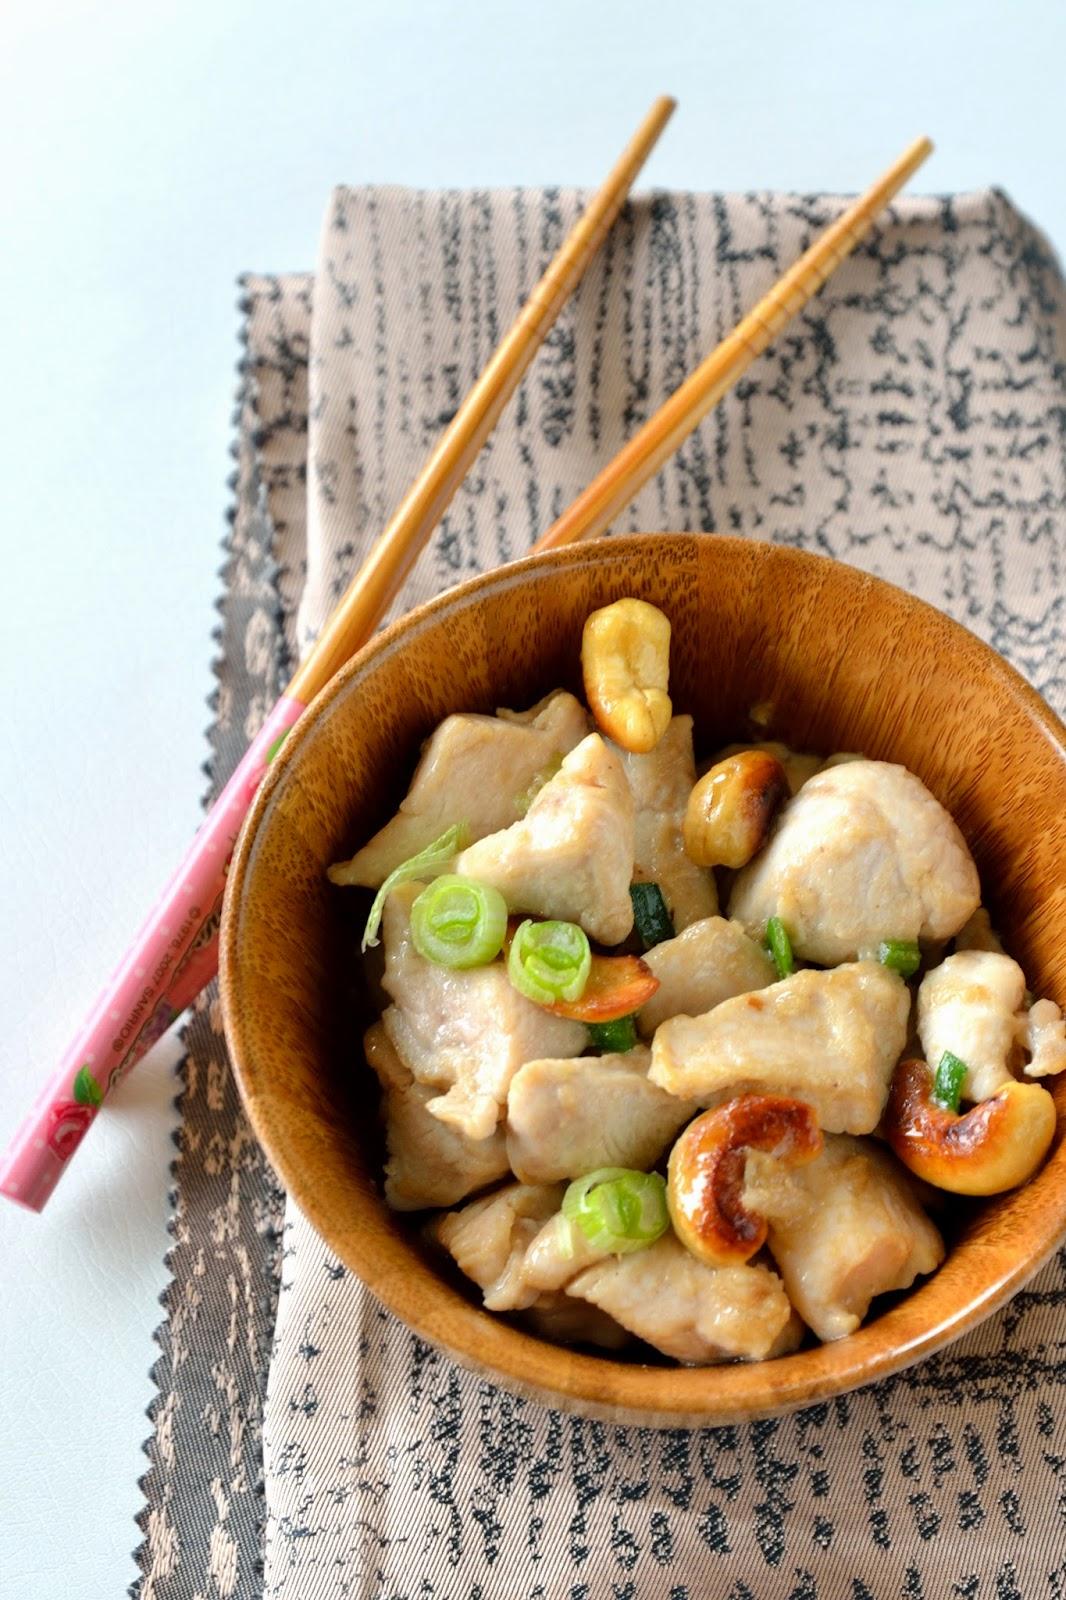 poulet cuisine au wok